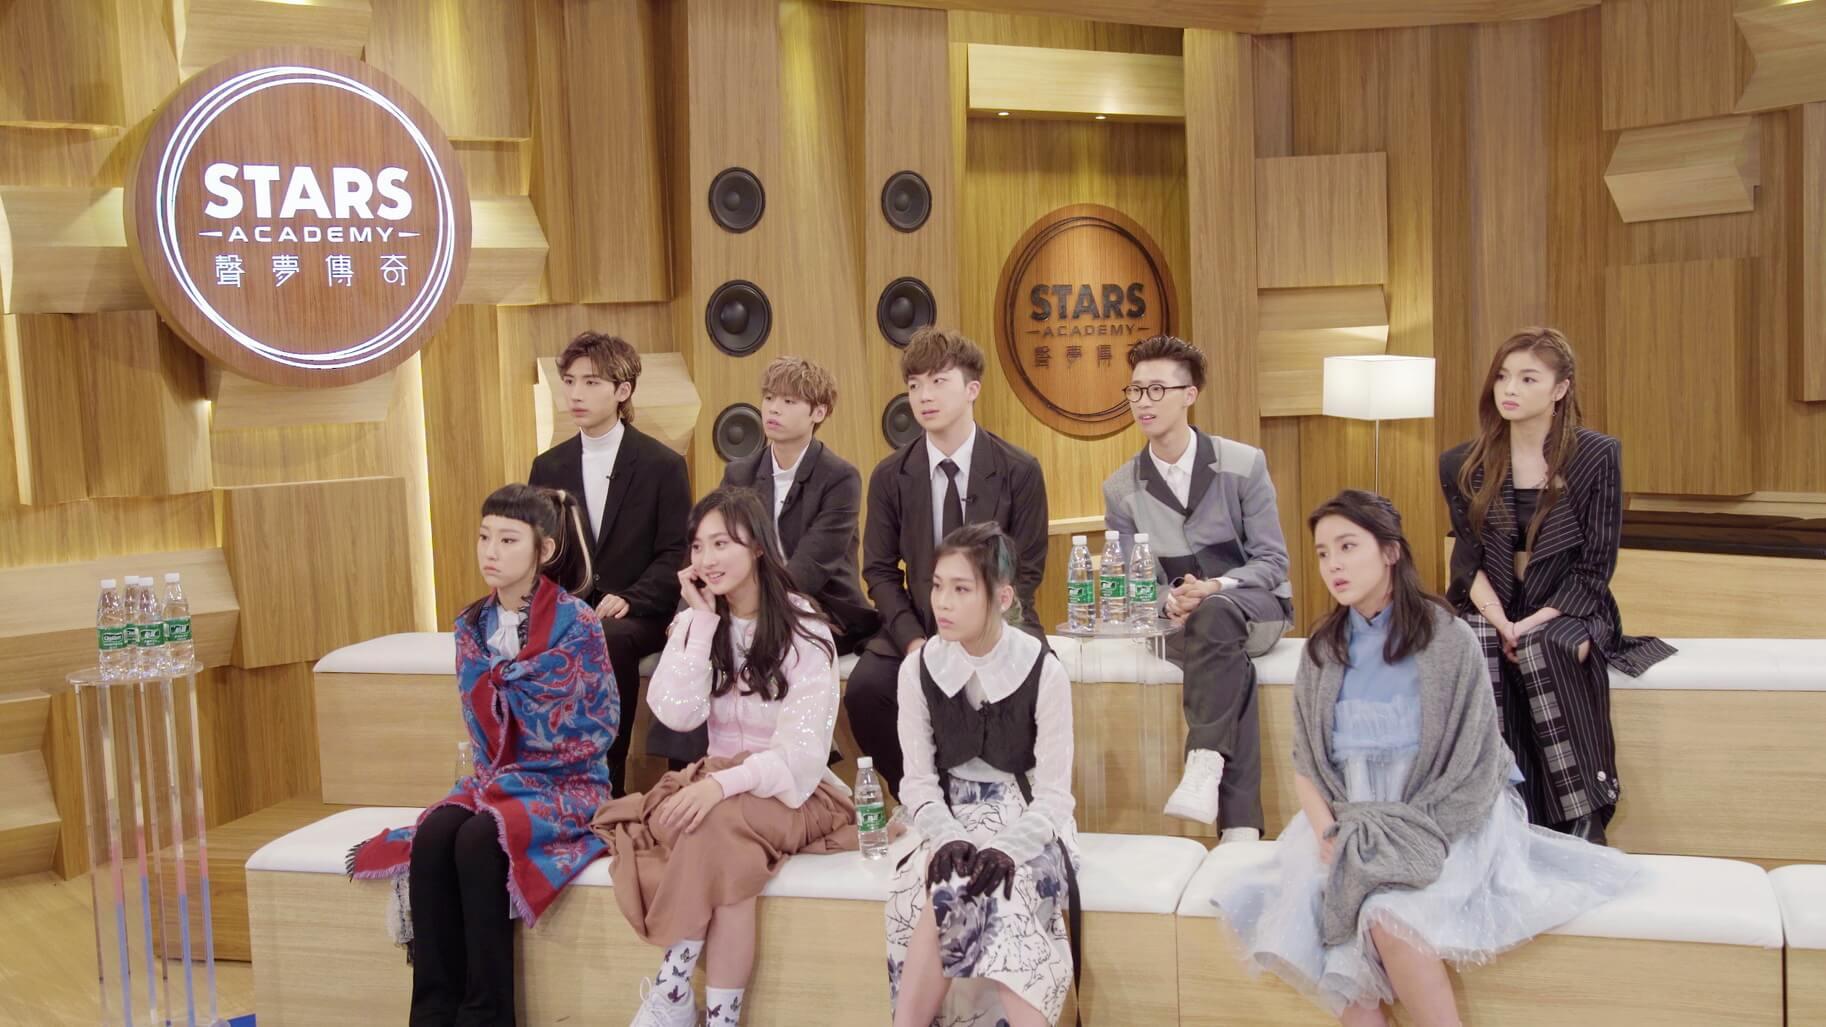 上集淘汰了詹天文,目前只剩9位學員,包括黃奕斌、冼靖峰、何晉樂、林智樂、炎明熹、鍾柔美及姚焯菲。